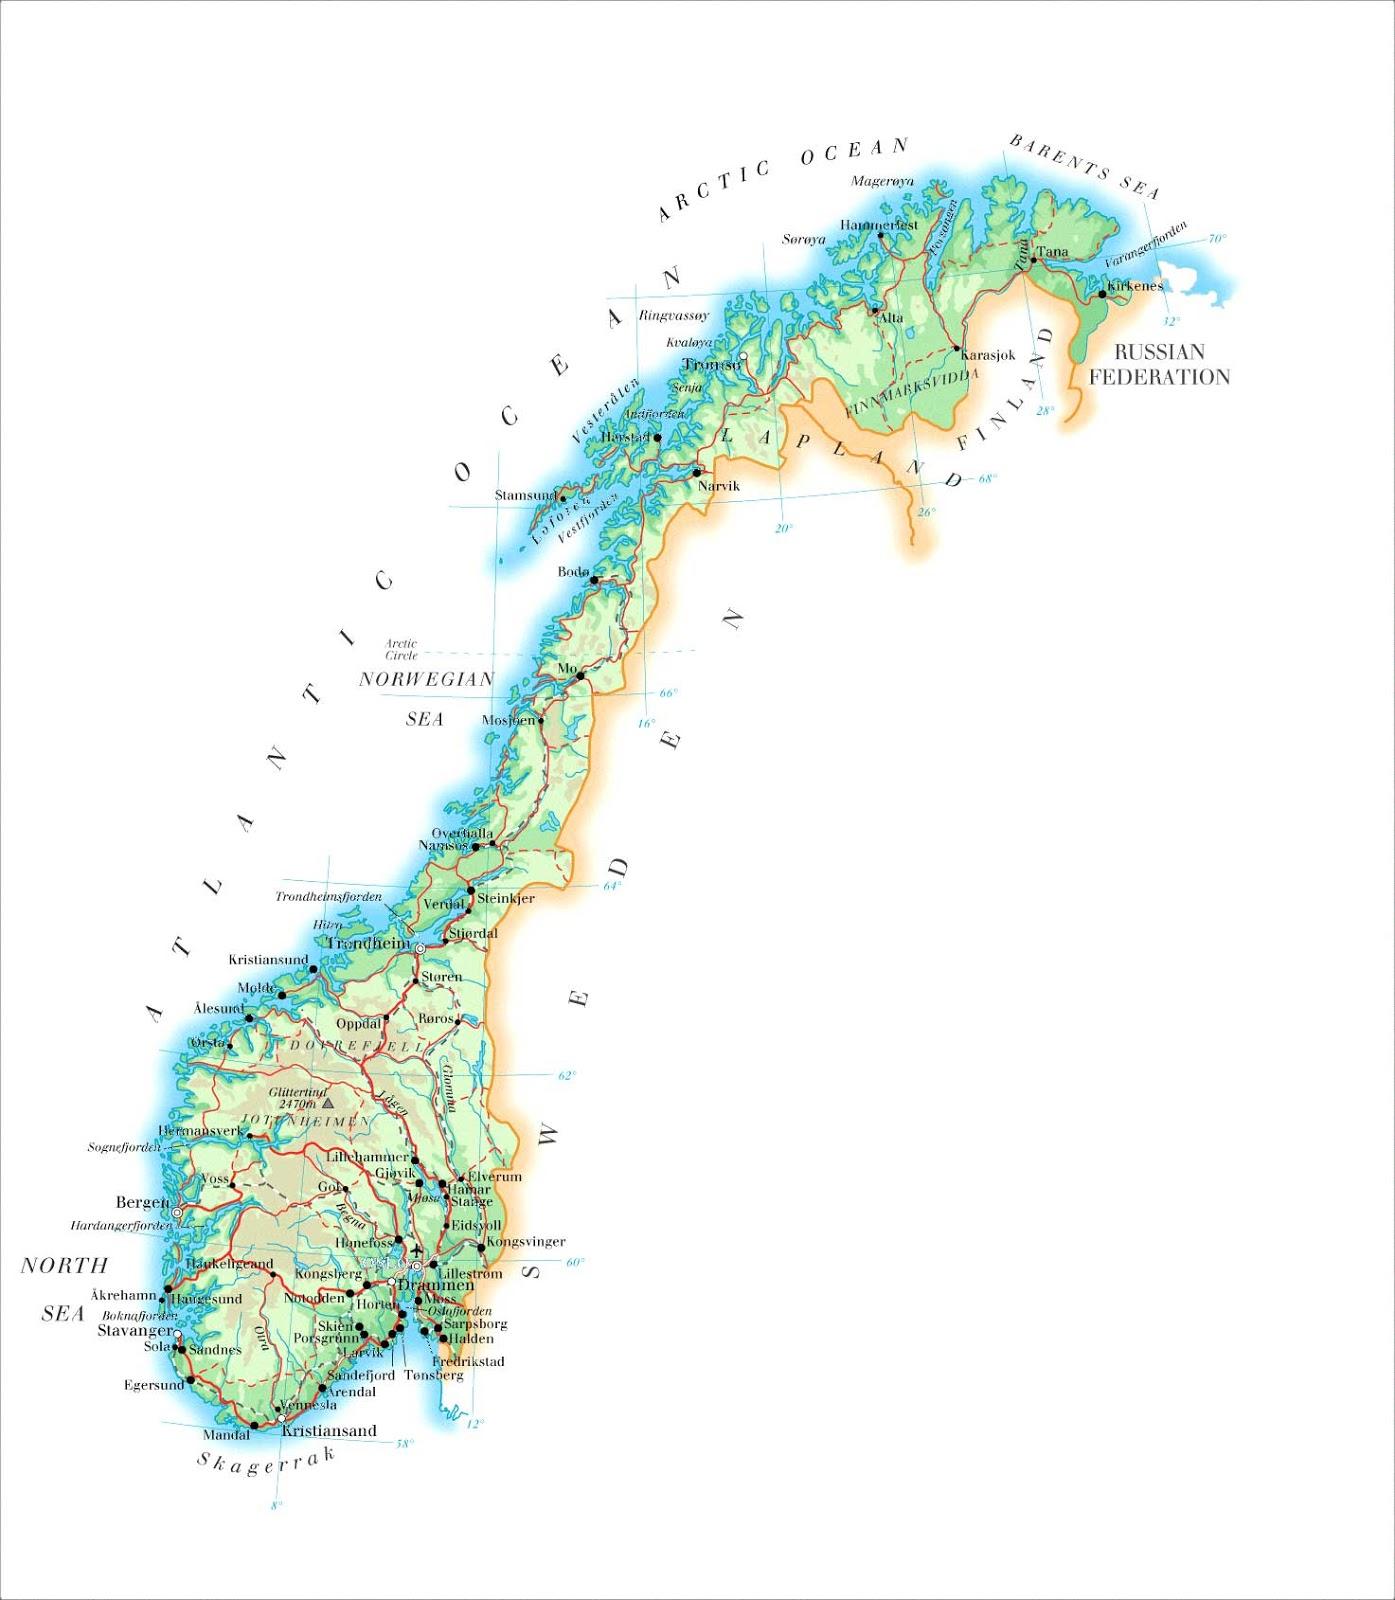 Noruega | Mapas Geográficos da Noruega